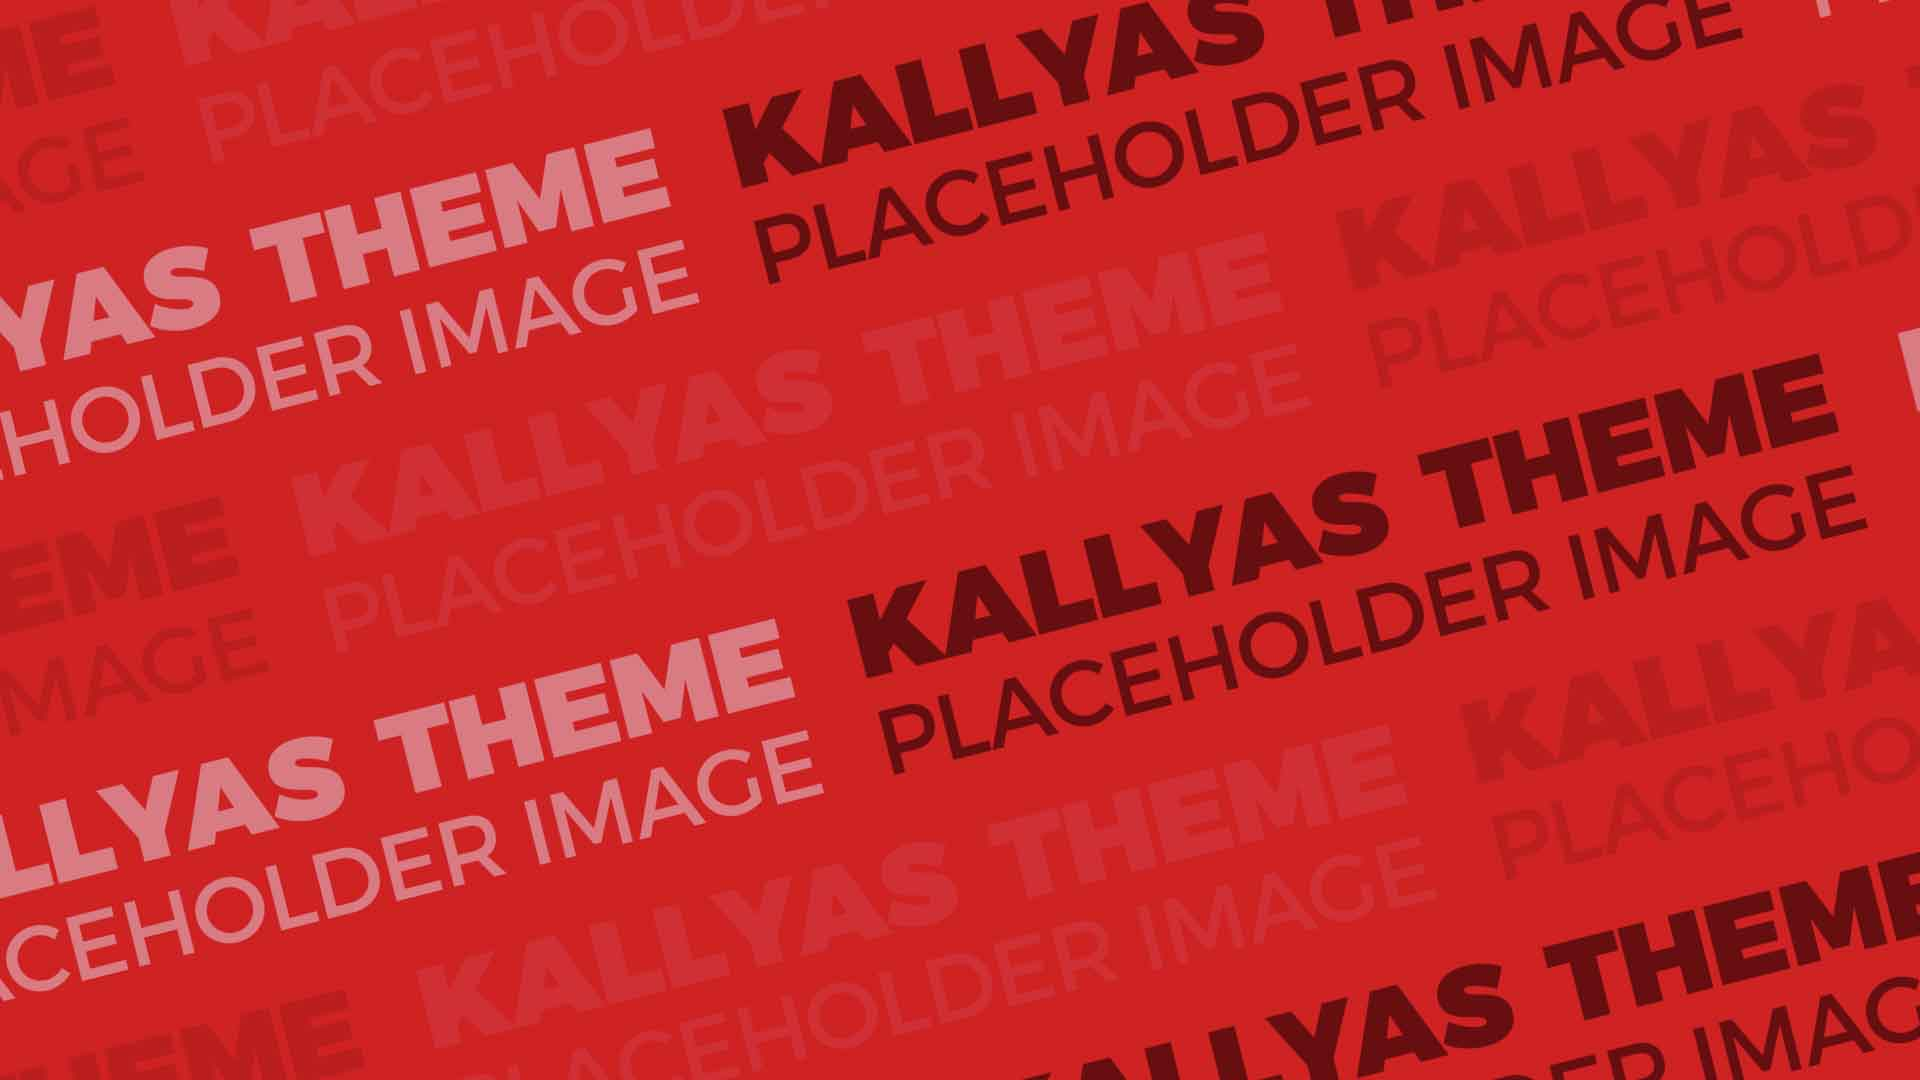 kallyas_placeholder.jpg